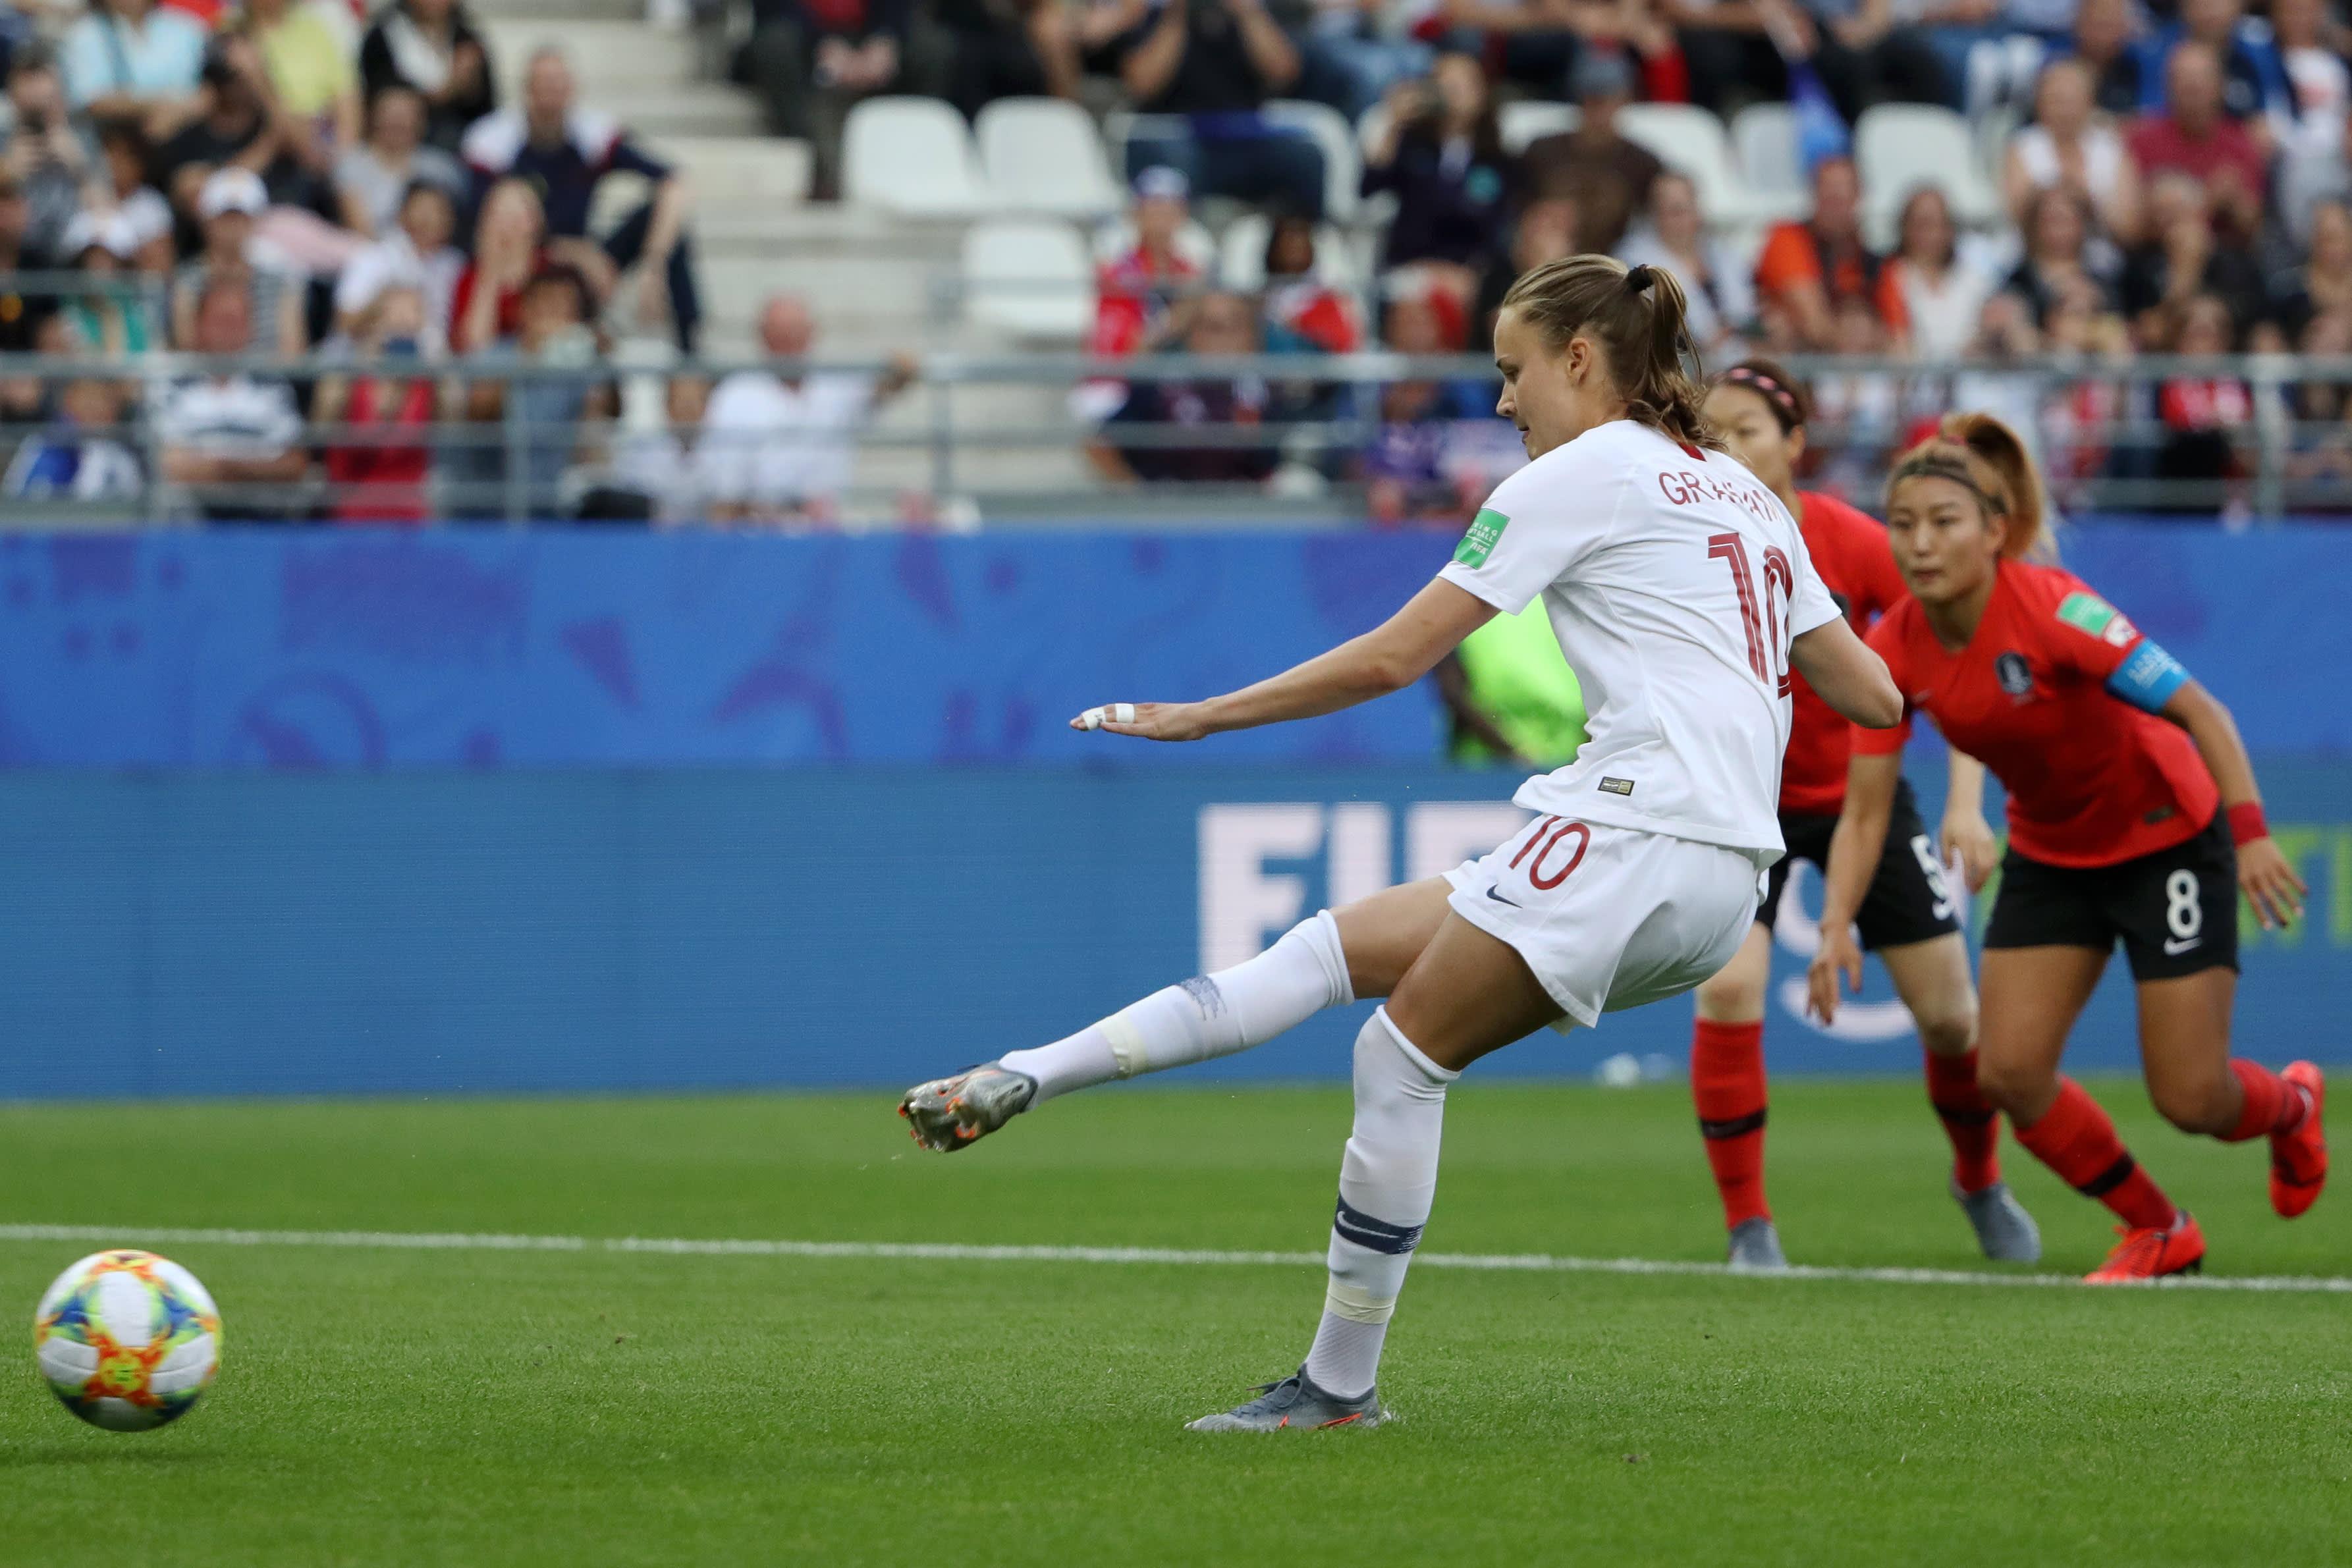 Caroline Graham Hansen viimeisteli maalin Etelä-Korean verkkoon.